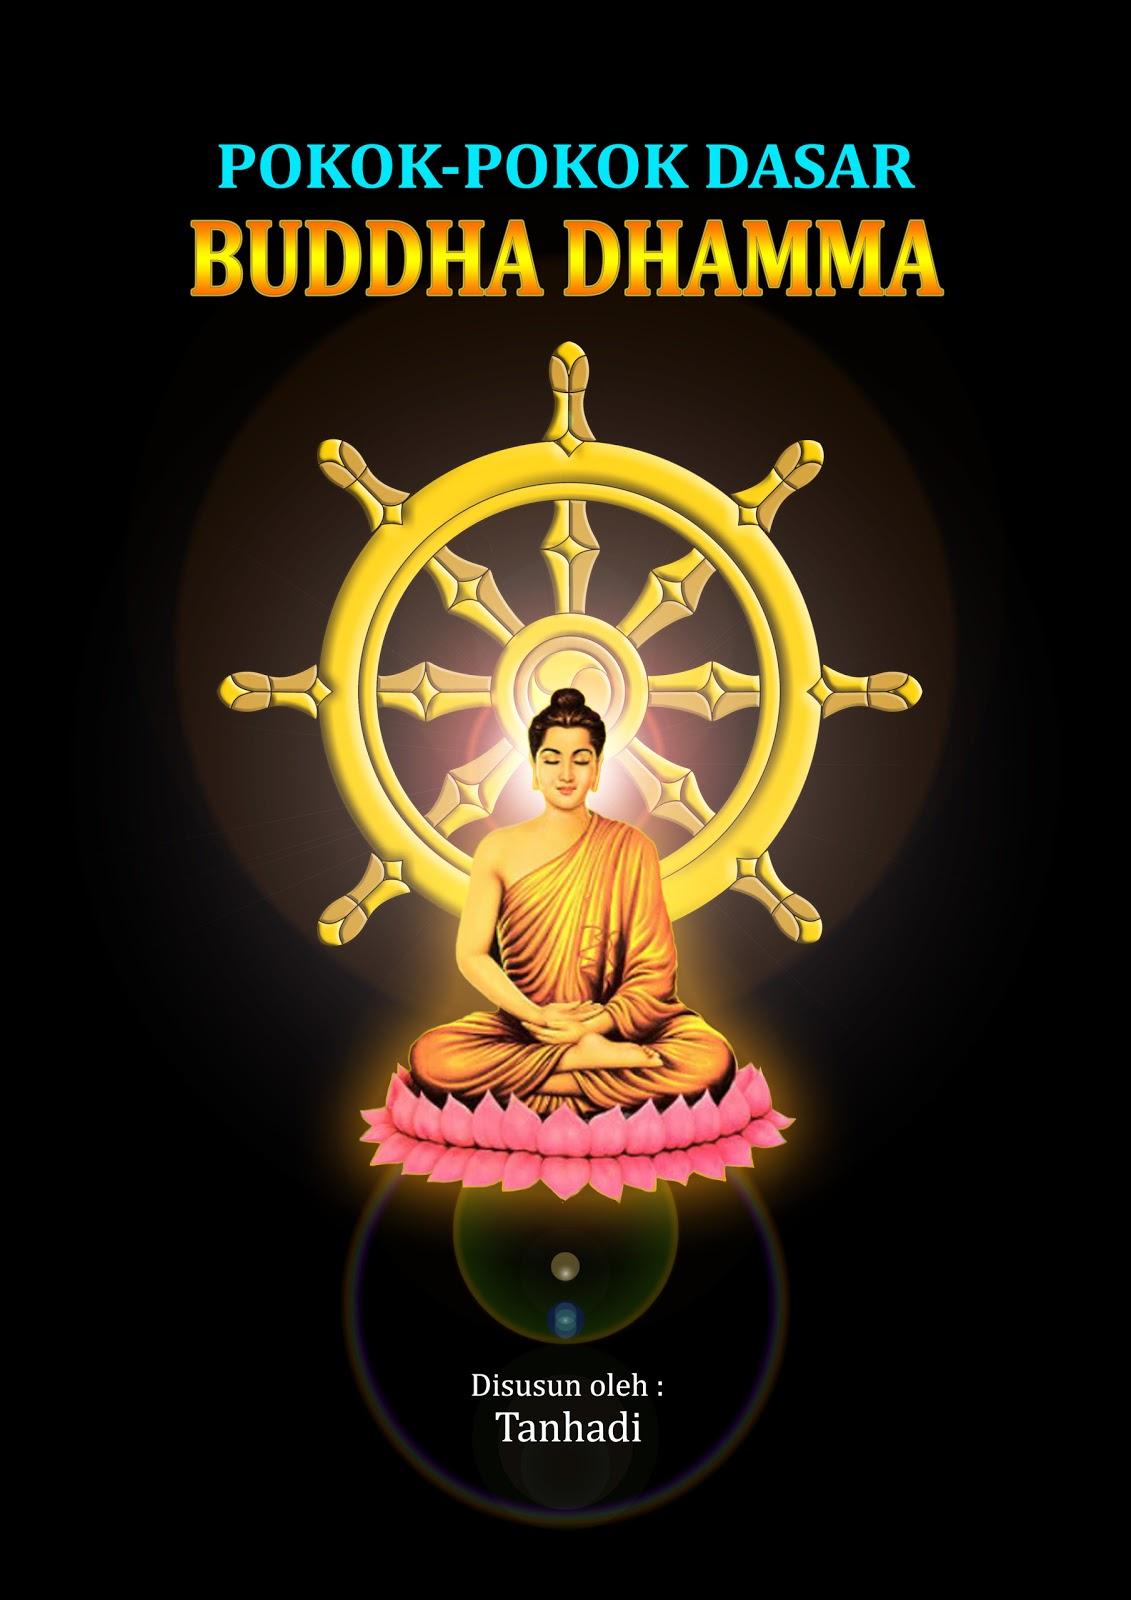 PUSTAKA DHAMMA Pokok Pokok Dasar Buddha Dhamma